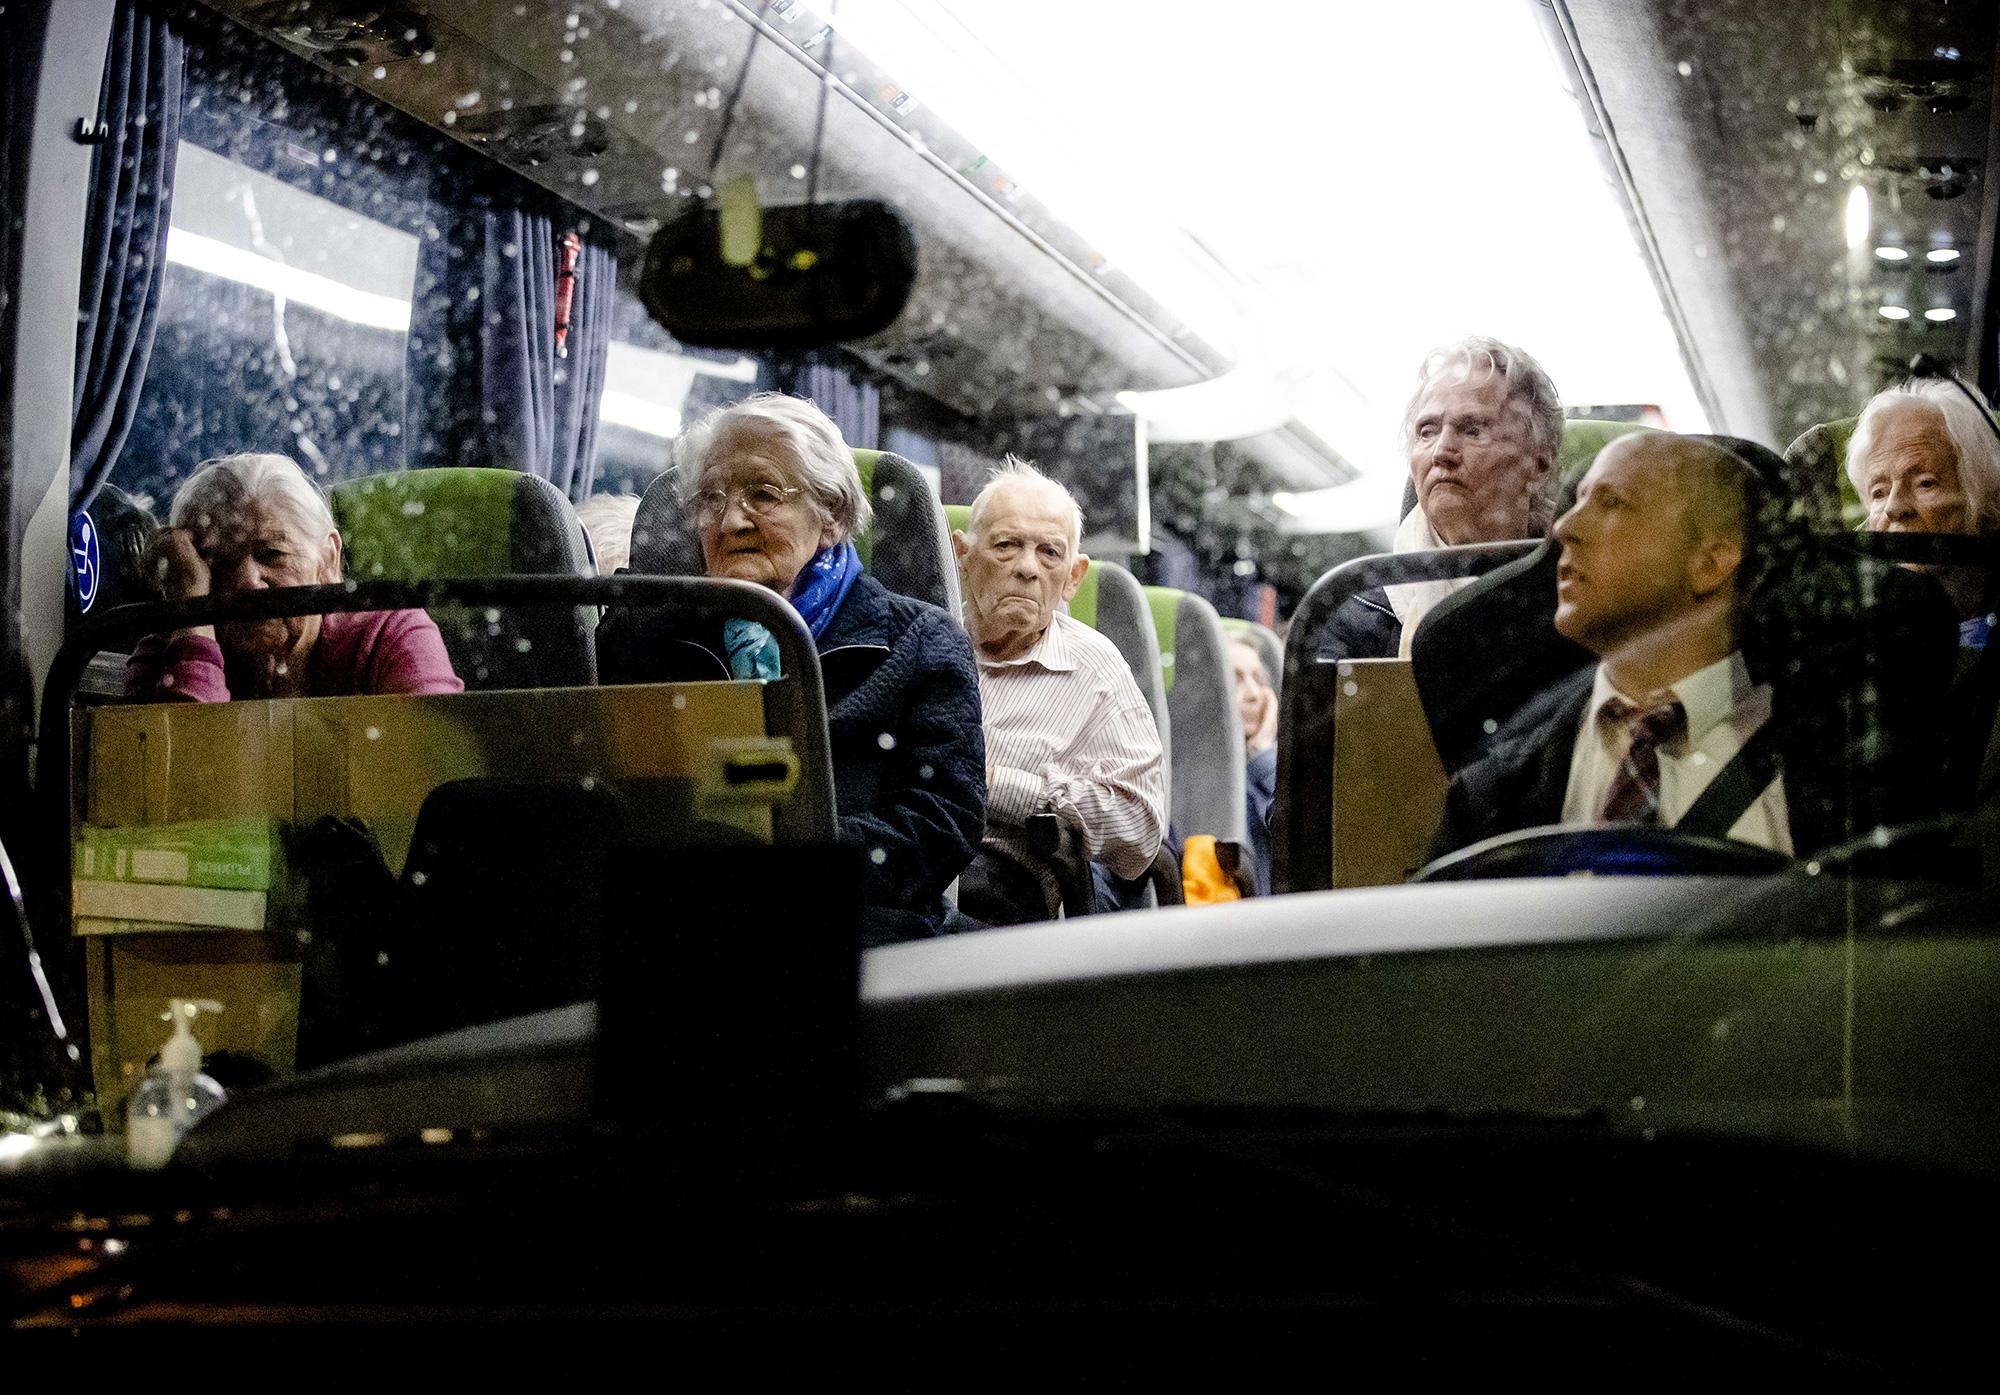 Evacuees ride a bus in Valkenburg aan de Geul, Netherlands.